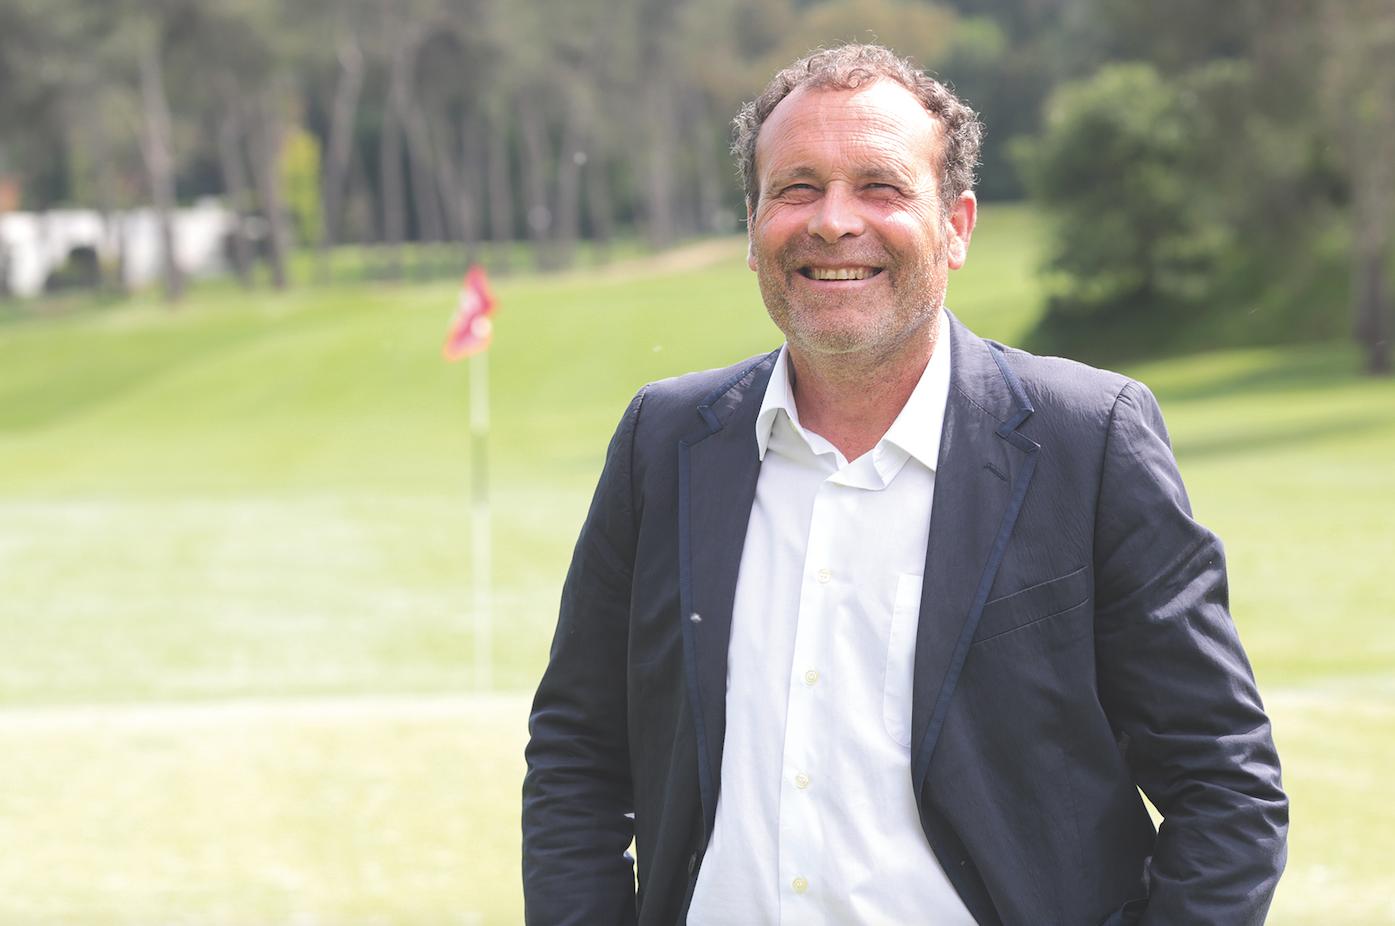 Sergi Corretja, és el gerent del Club Golf Sant Cugat FOTO: A. Ribera